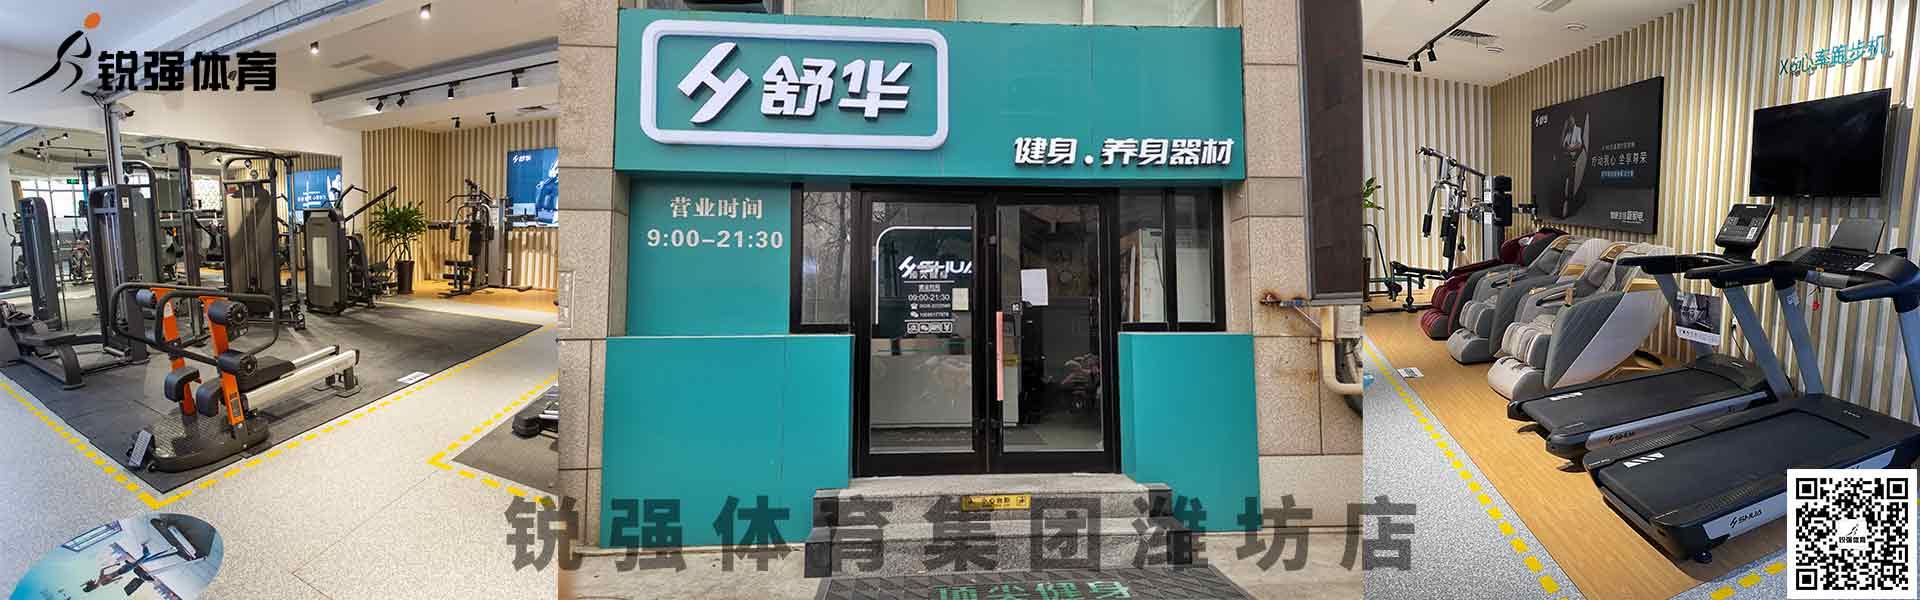 锐强体育集团潍坊店